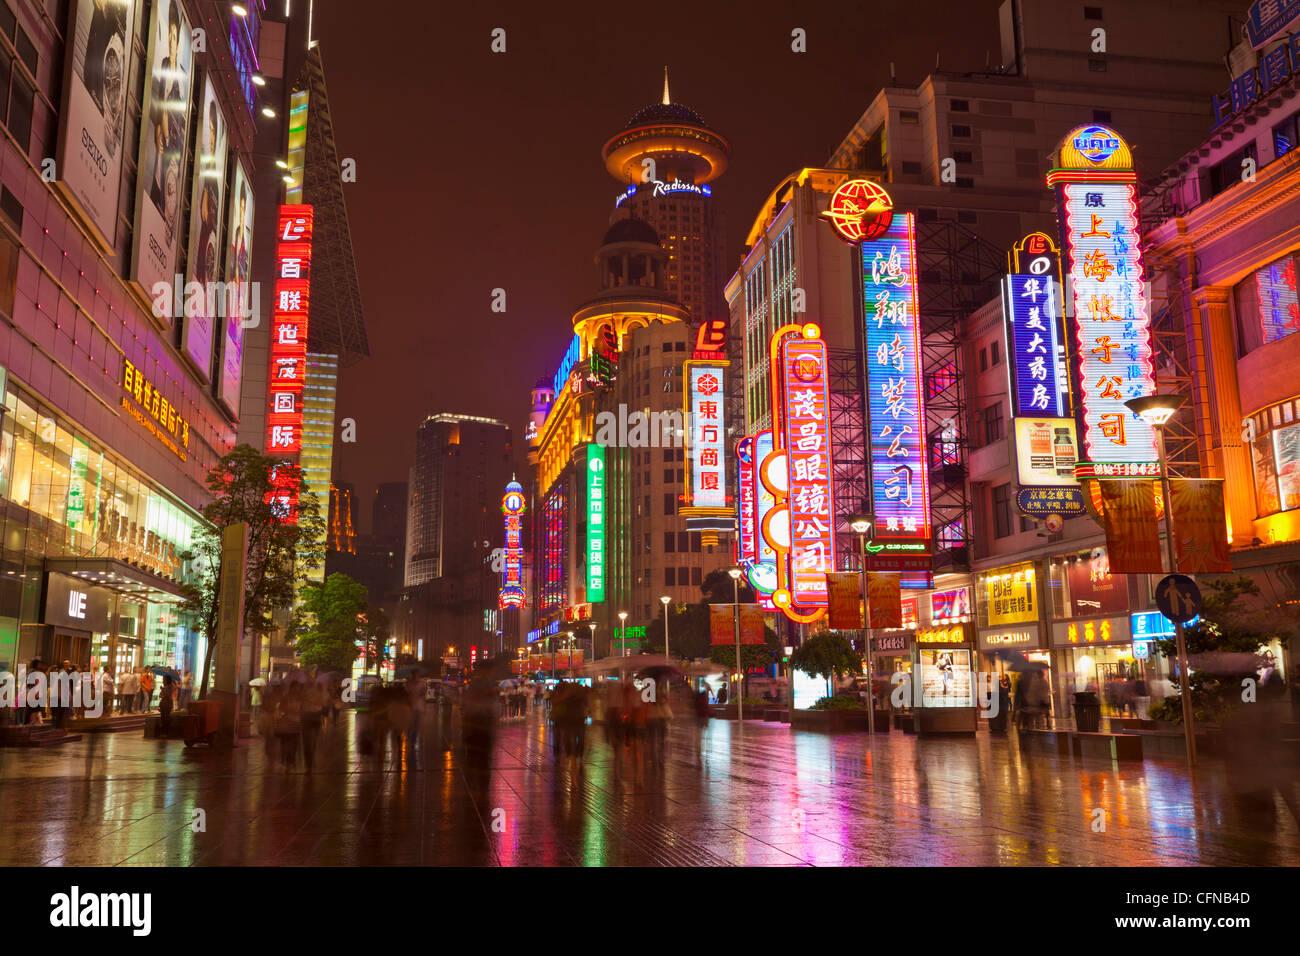 Neon Schilder und Shopper, Nanjing Road, Shanghai, China, Asien Stockbild